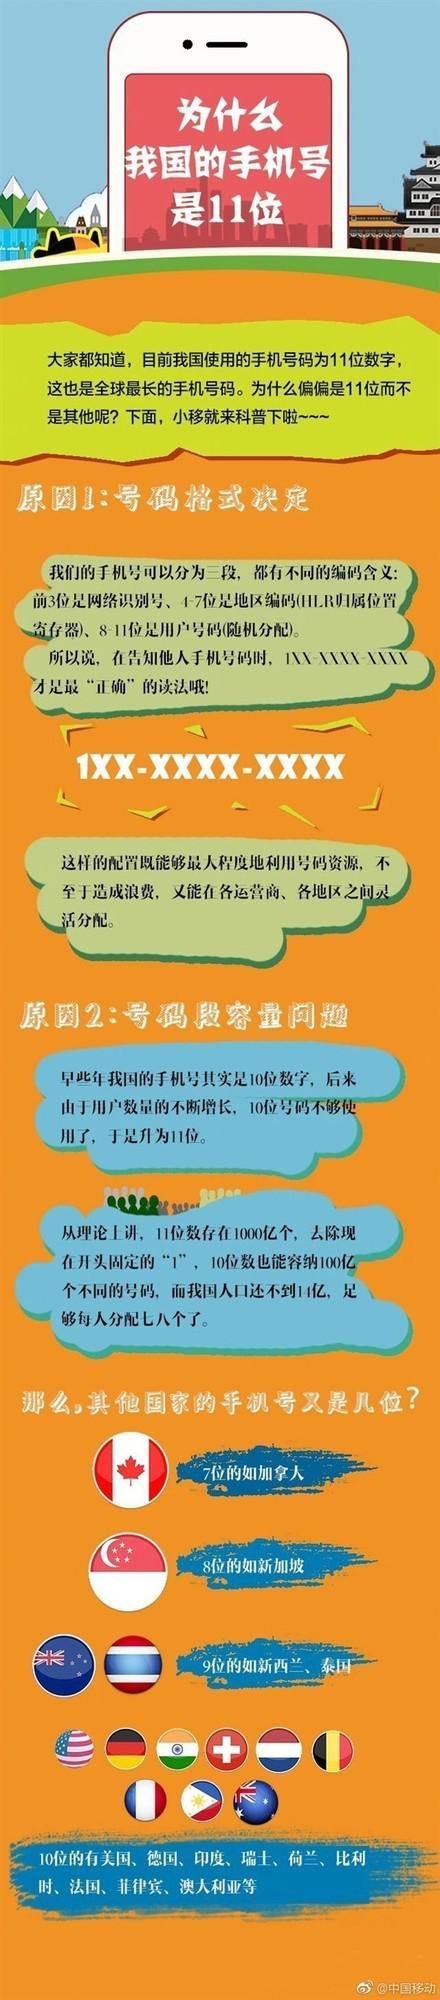 中国移动科普:为什么你的手机号是11位?